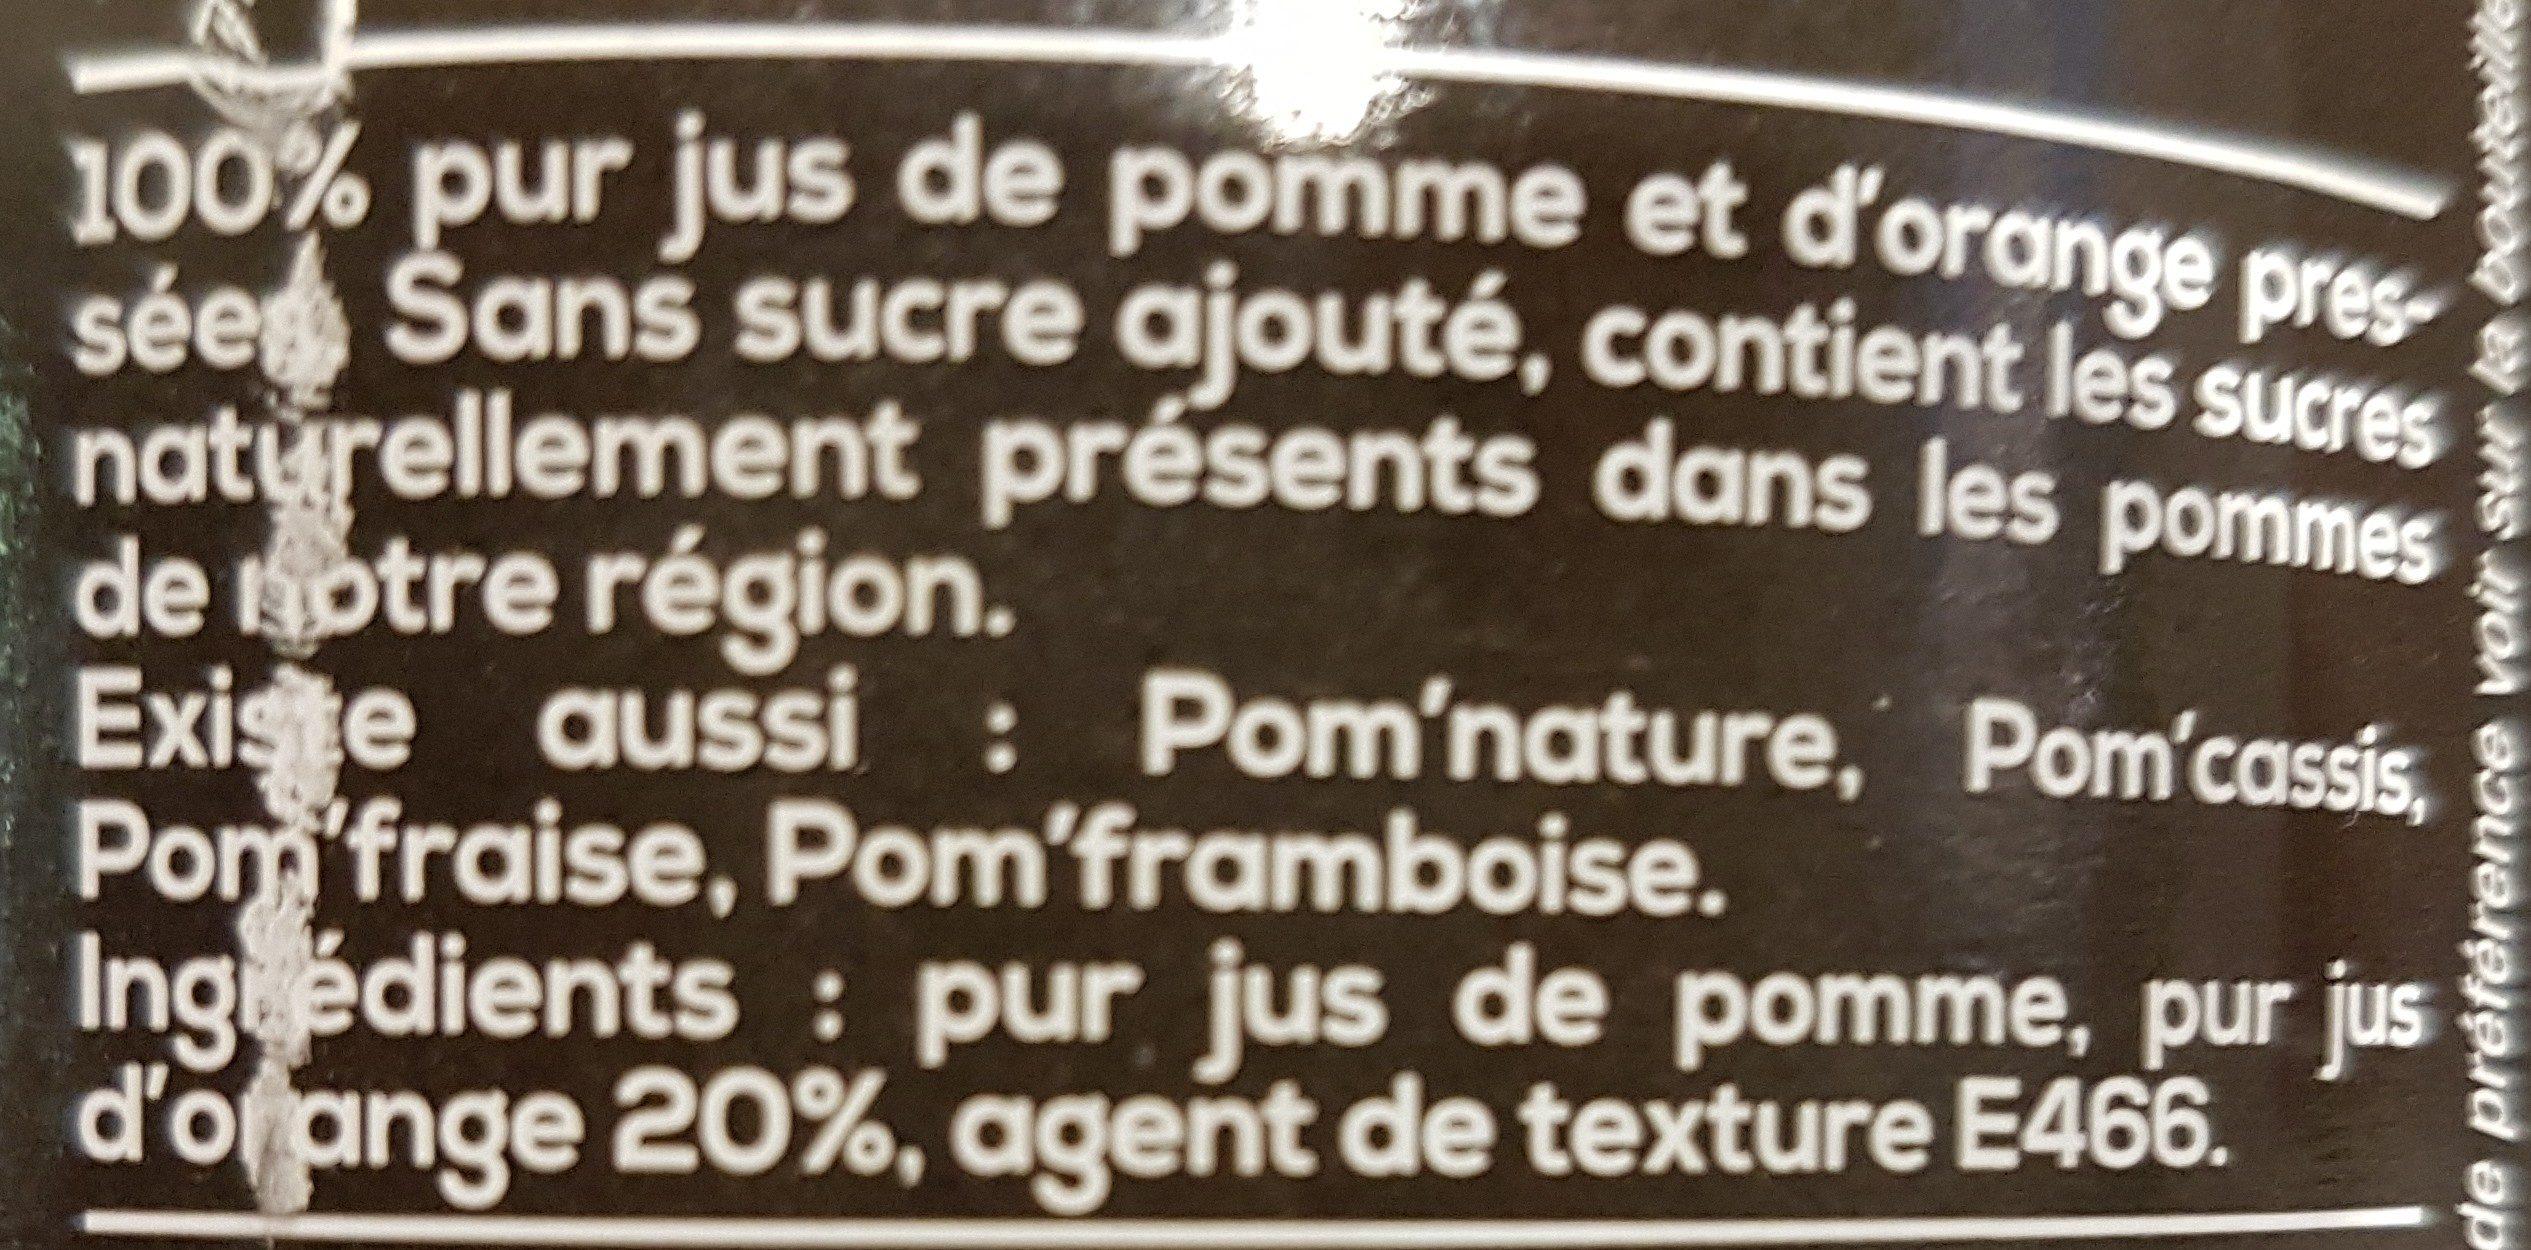 Pom'orange - Ingrédients - fr